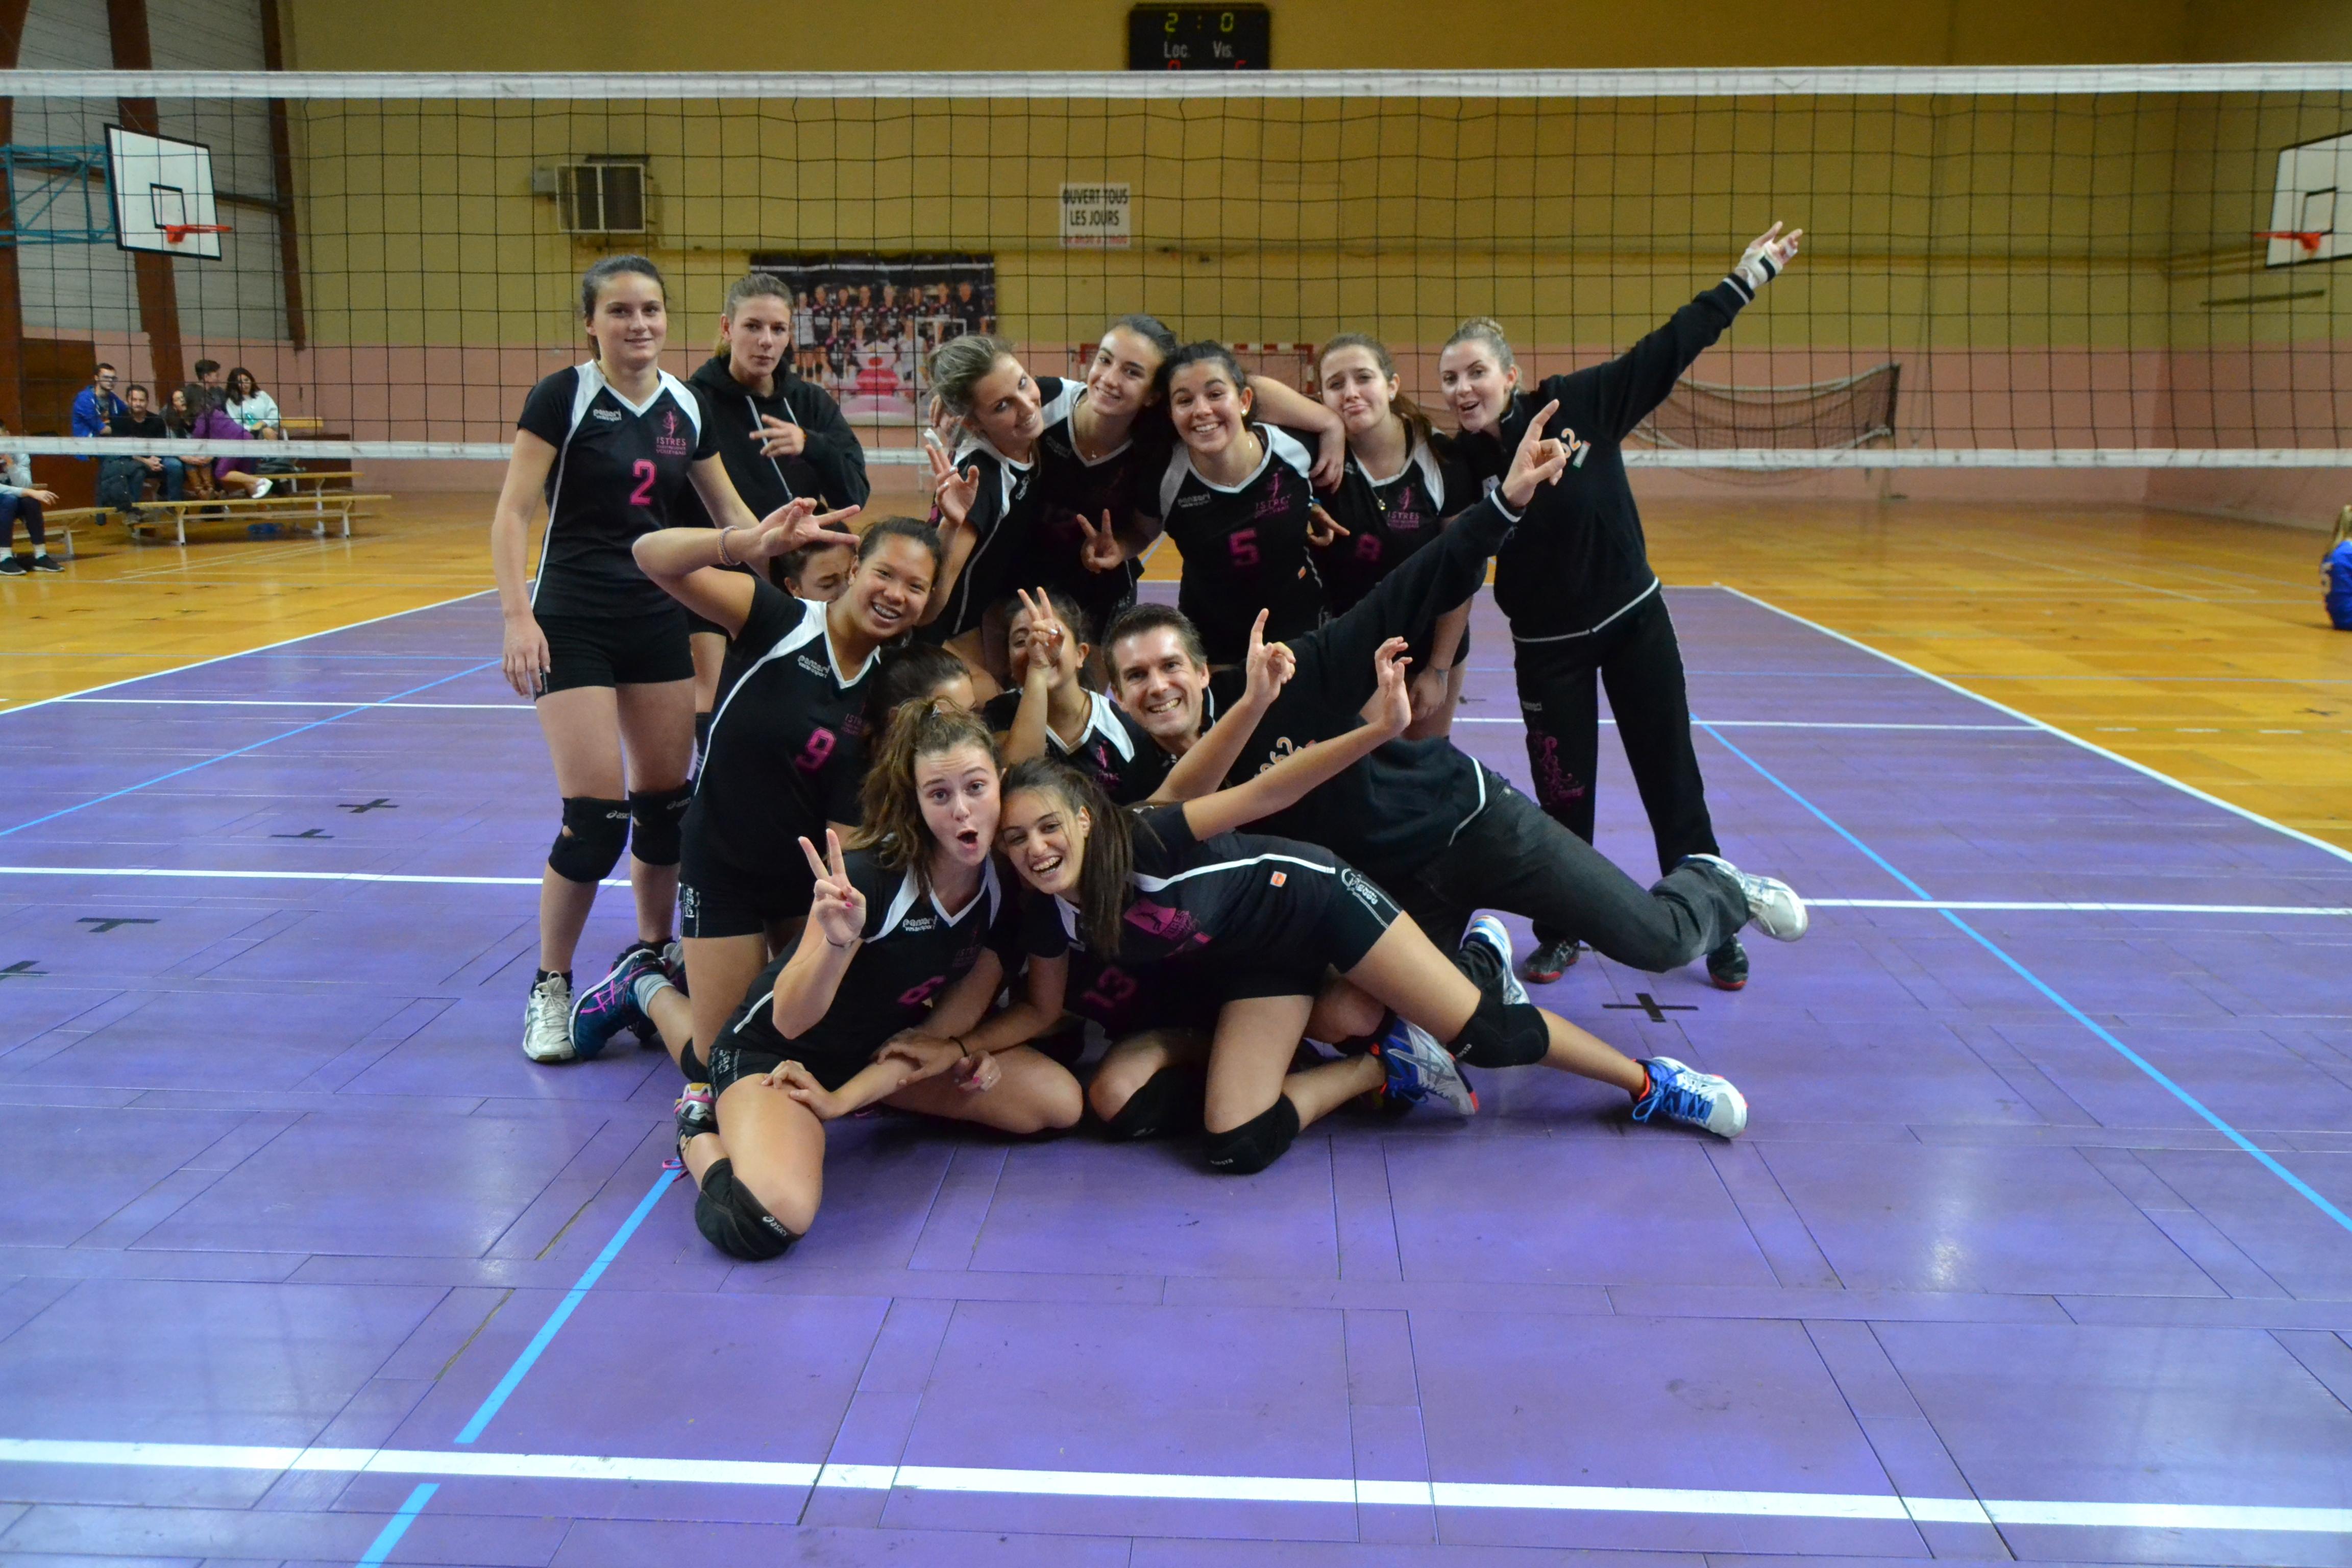 Maritima info l 39 edition des sports volley ball coupe de france coupe de france istres - Volley ball coupe de france ...